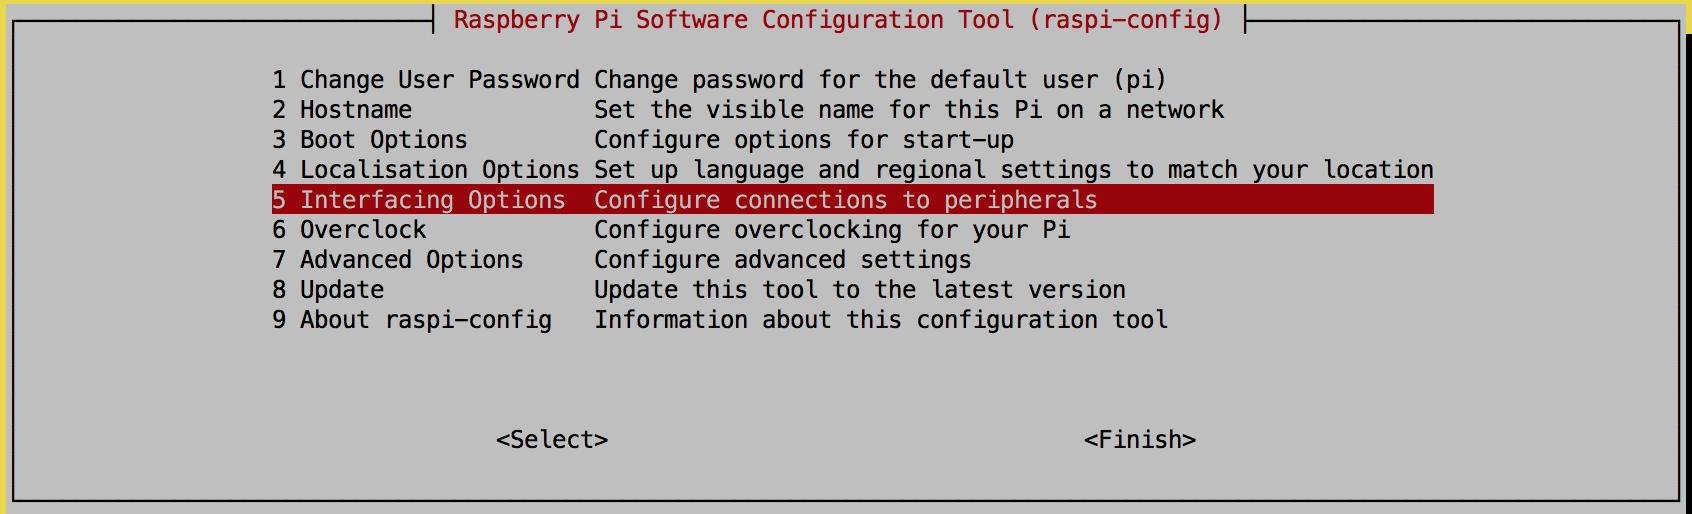 Cc1101 Transceiver Raspberry Pi Salvador Mendoza Spi Using Wiringpi In